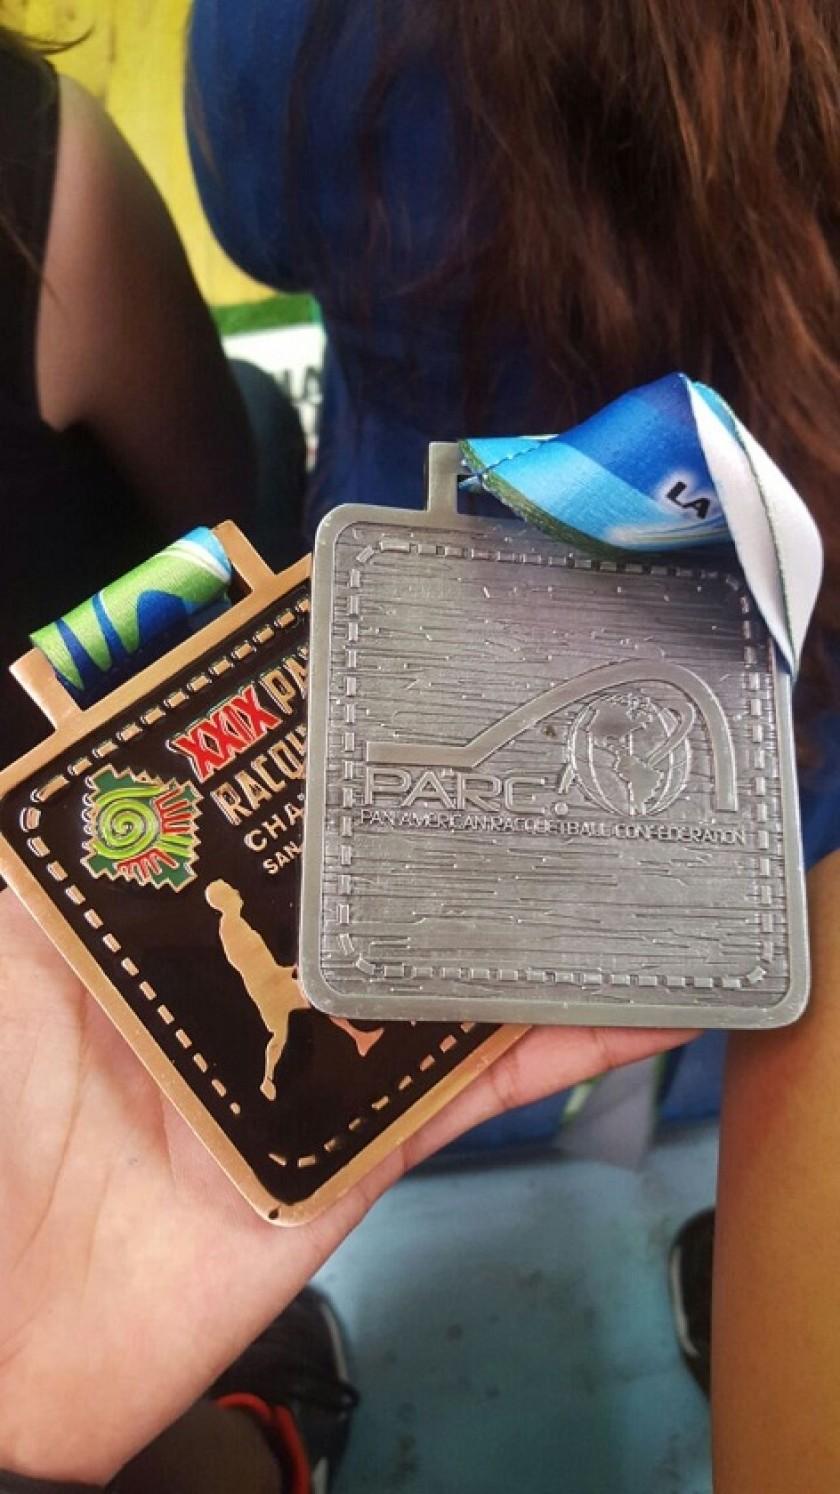 Algunas de las medallas ganadas por los bolivianos. Foto: Gentileza